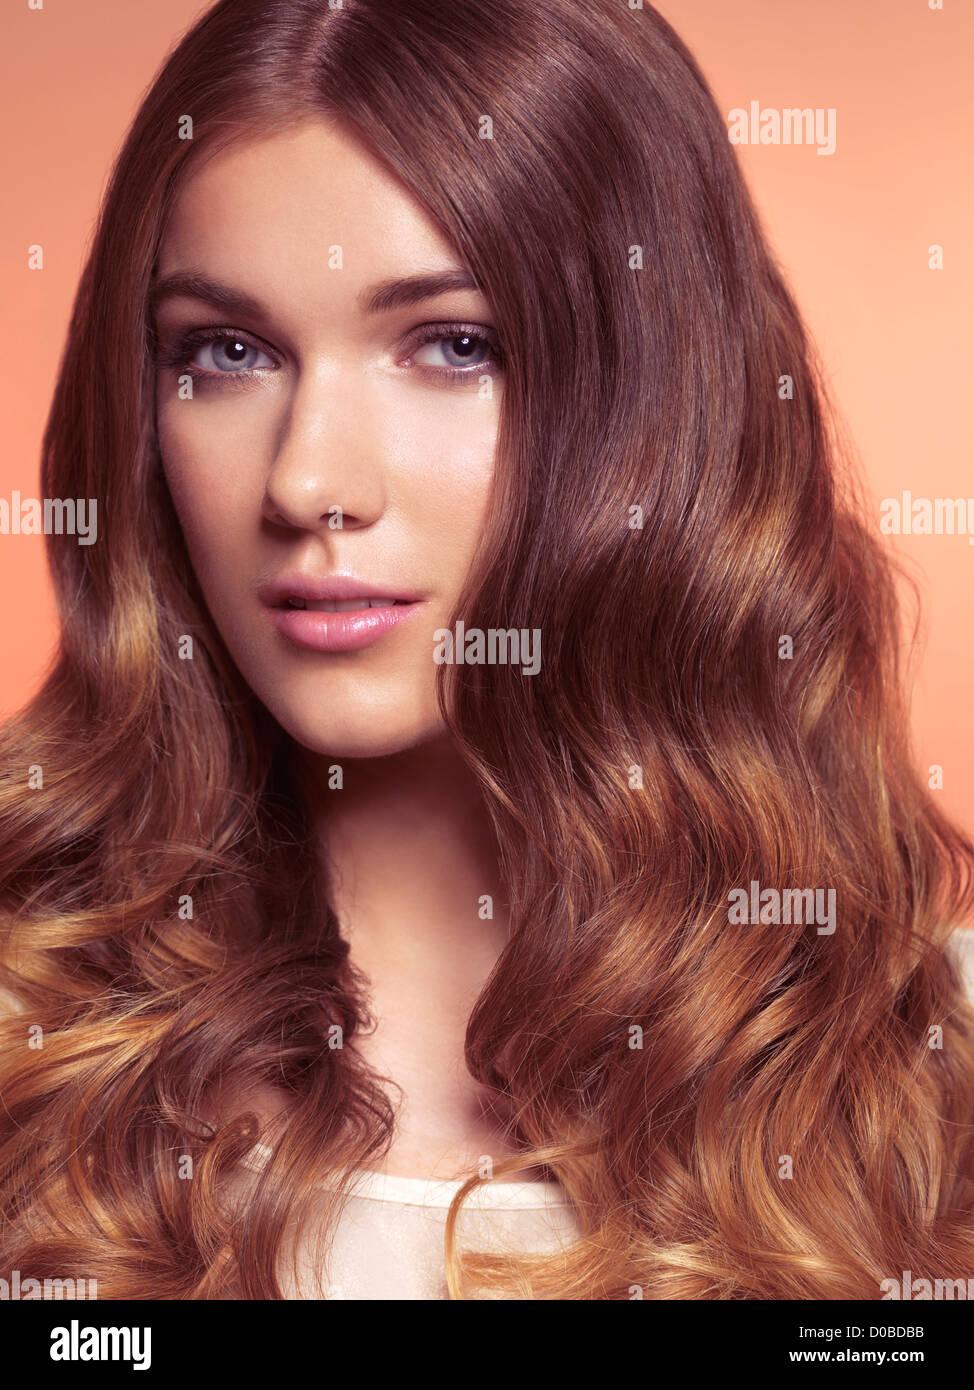 Schönheit-Porträt einer jungen Frau mit lange gewellte braune Haare Stockbild